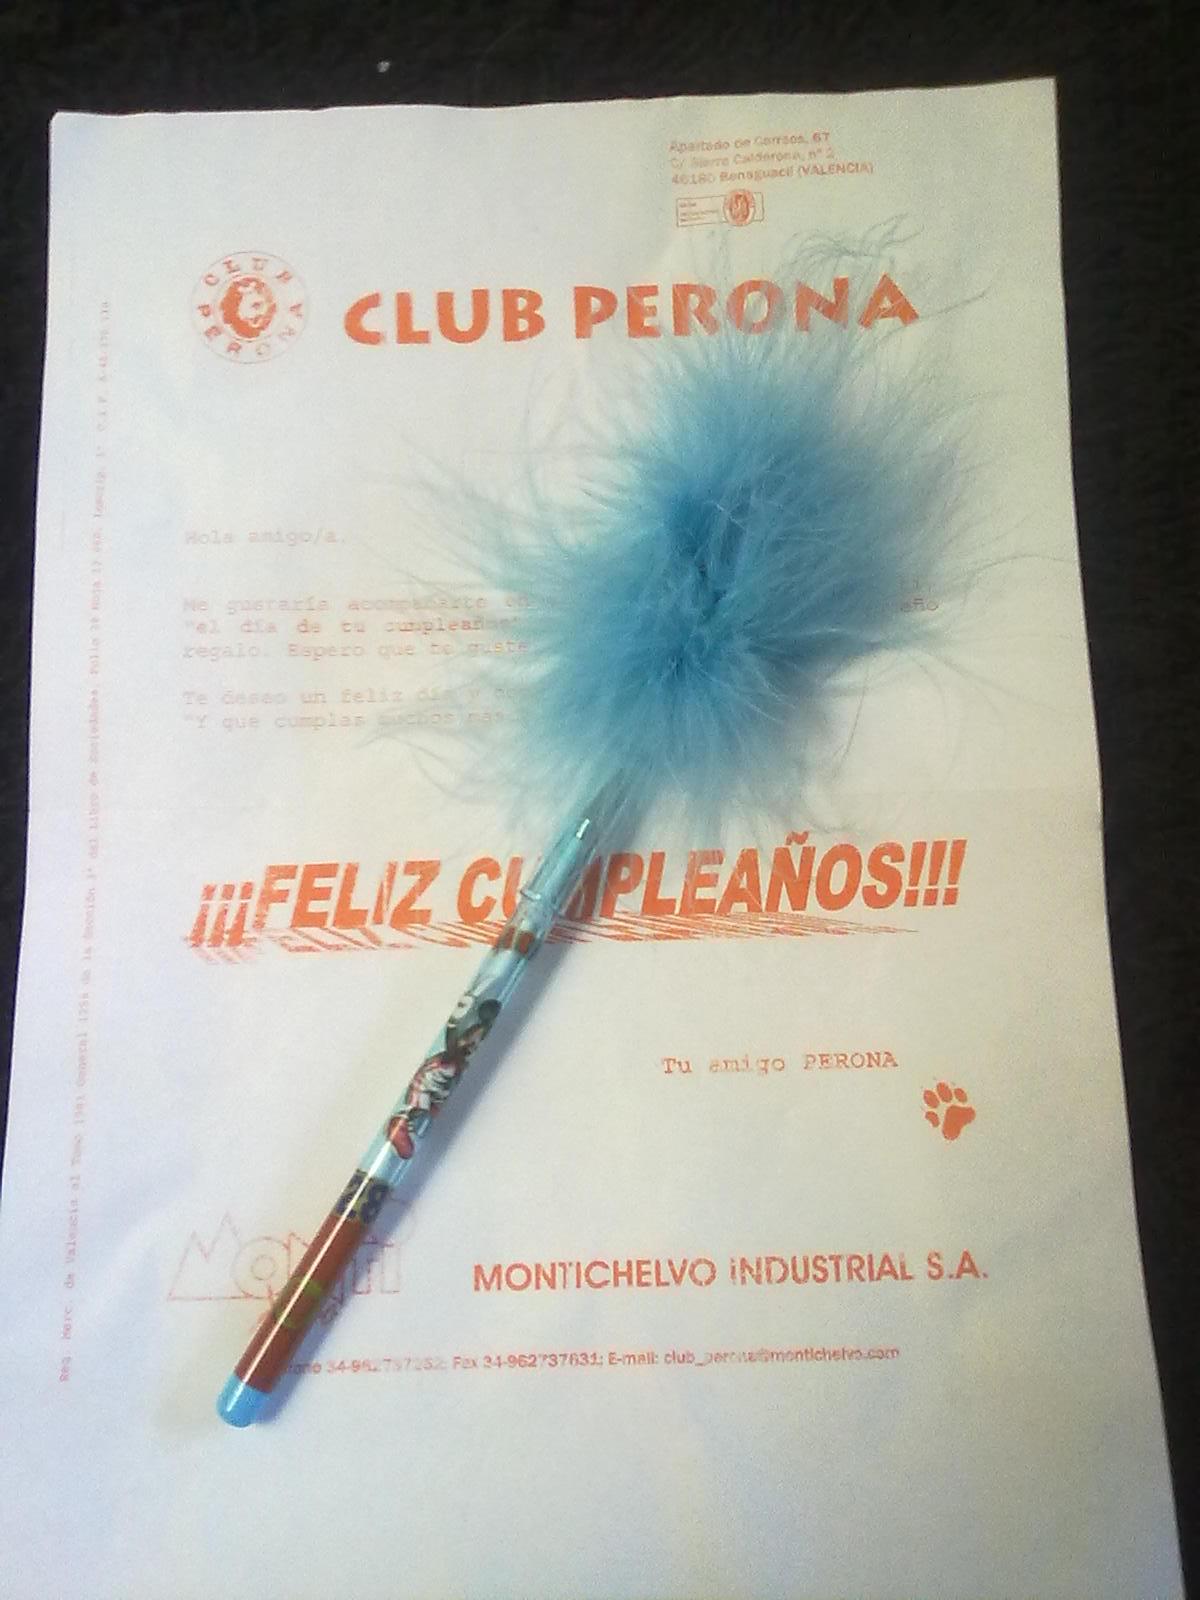 Amostras Club Perona - Caneta [Recebido]  16428915_YS8RW